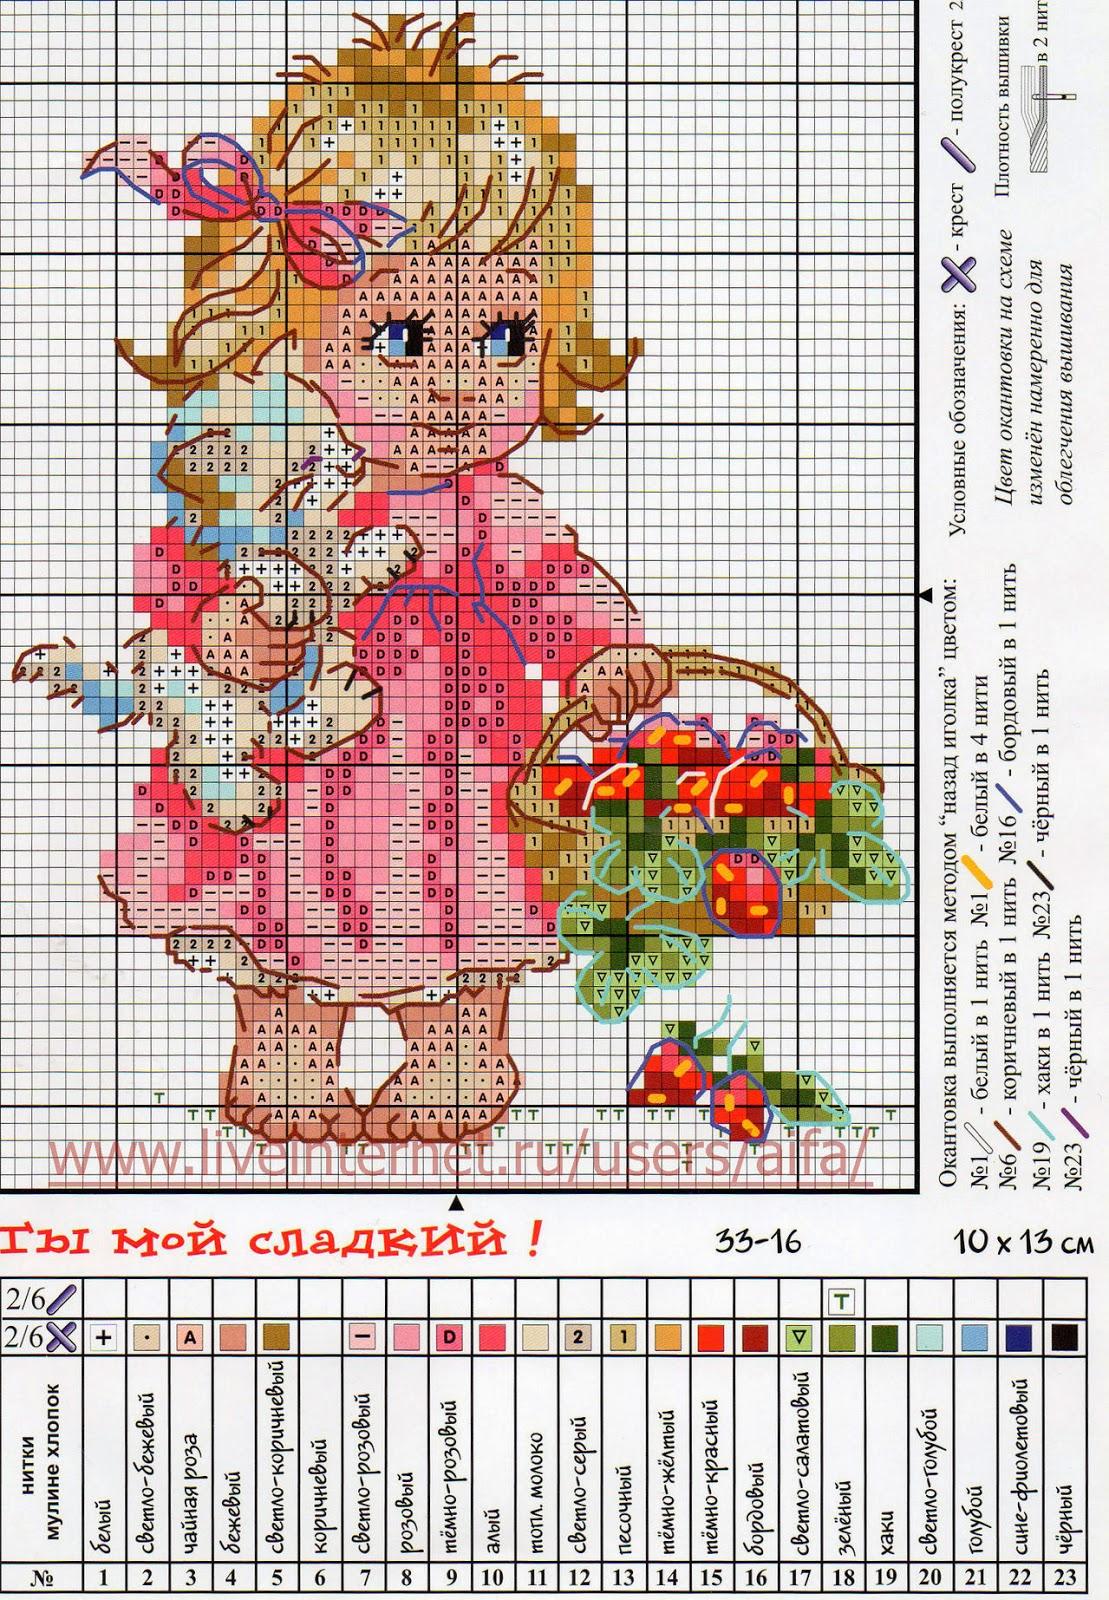 Детские схемы для вышивания крестом 25 штук, детские схемы для 100